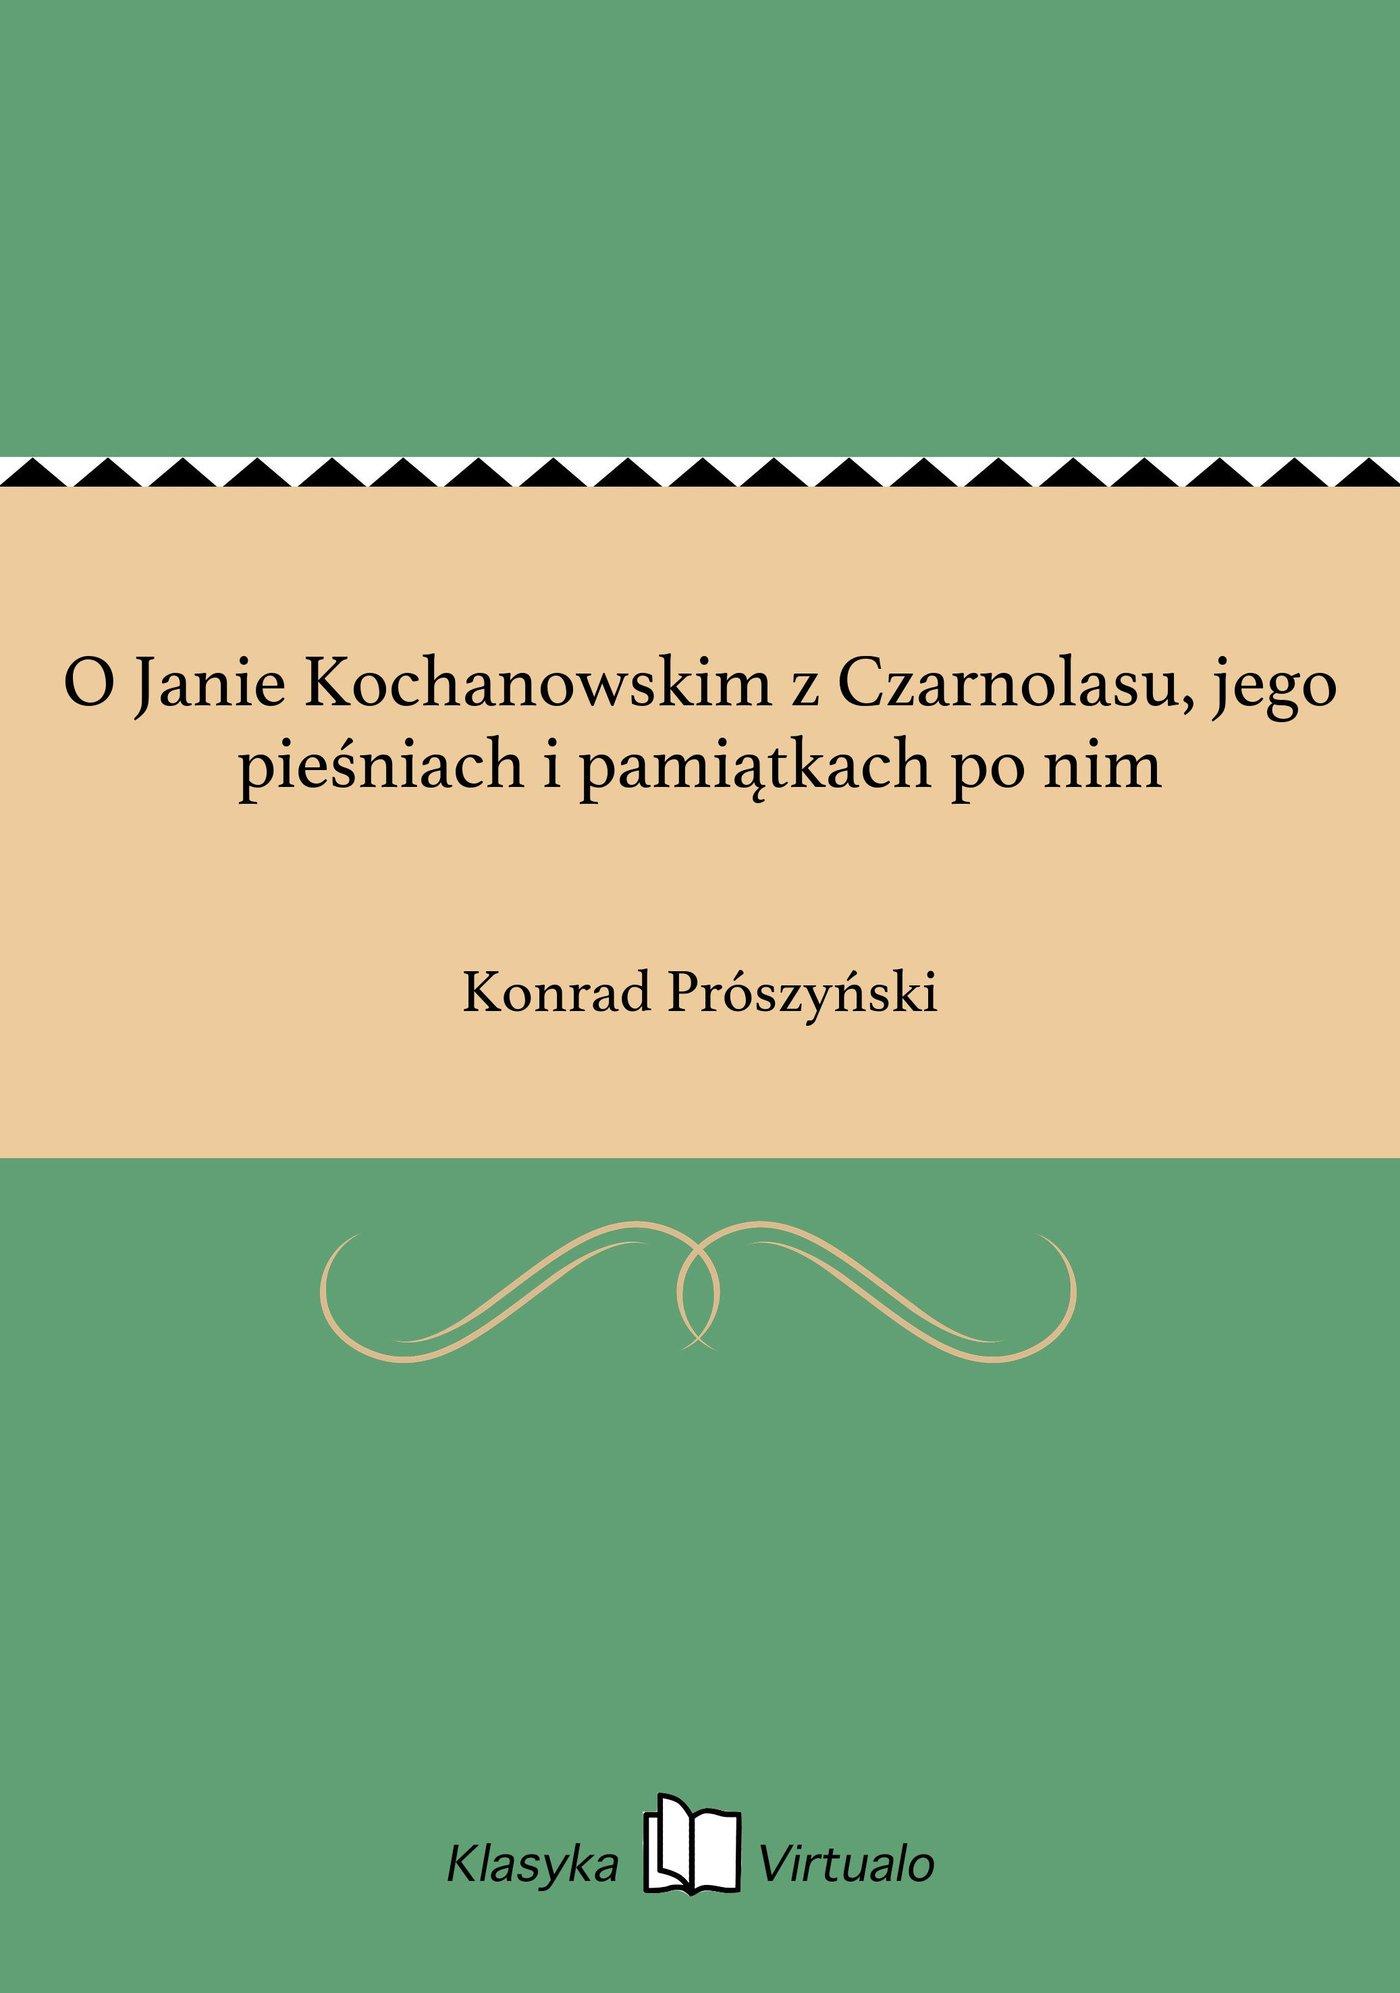 O Janie Kochanowskim z Czarnolasu, jego pieśniach i pamiątkach po nim - Ebook (Książka EPUB) do pobrania w formacie EPUB